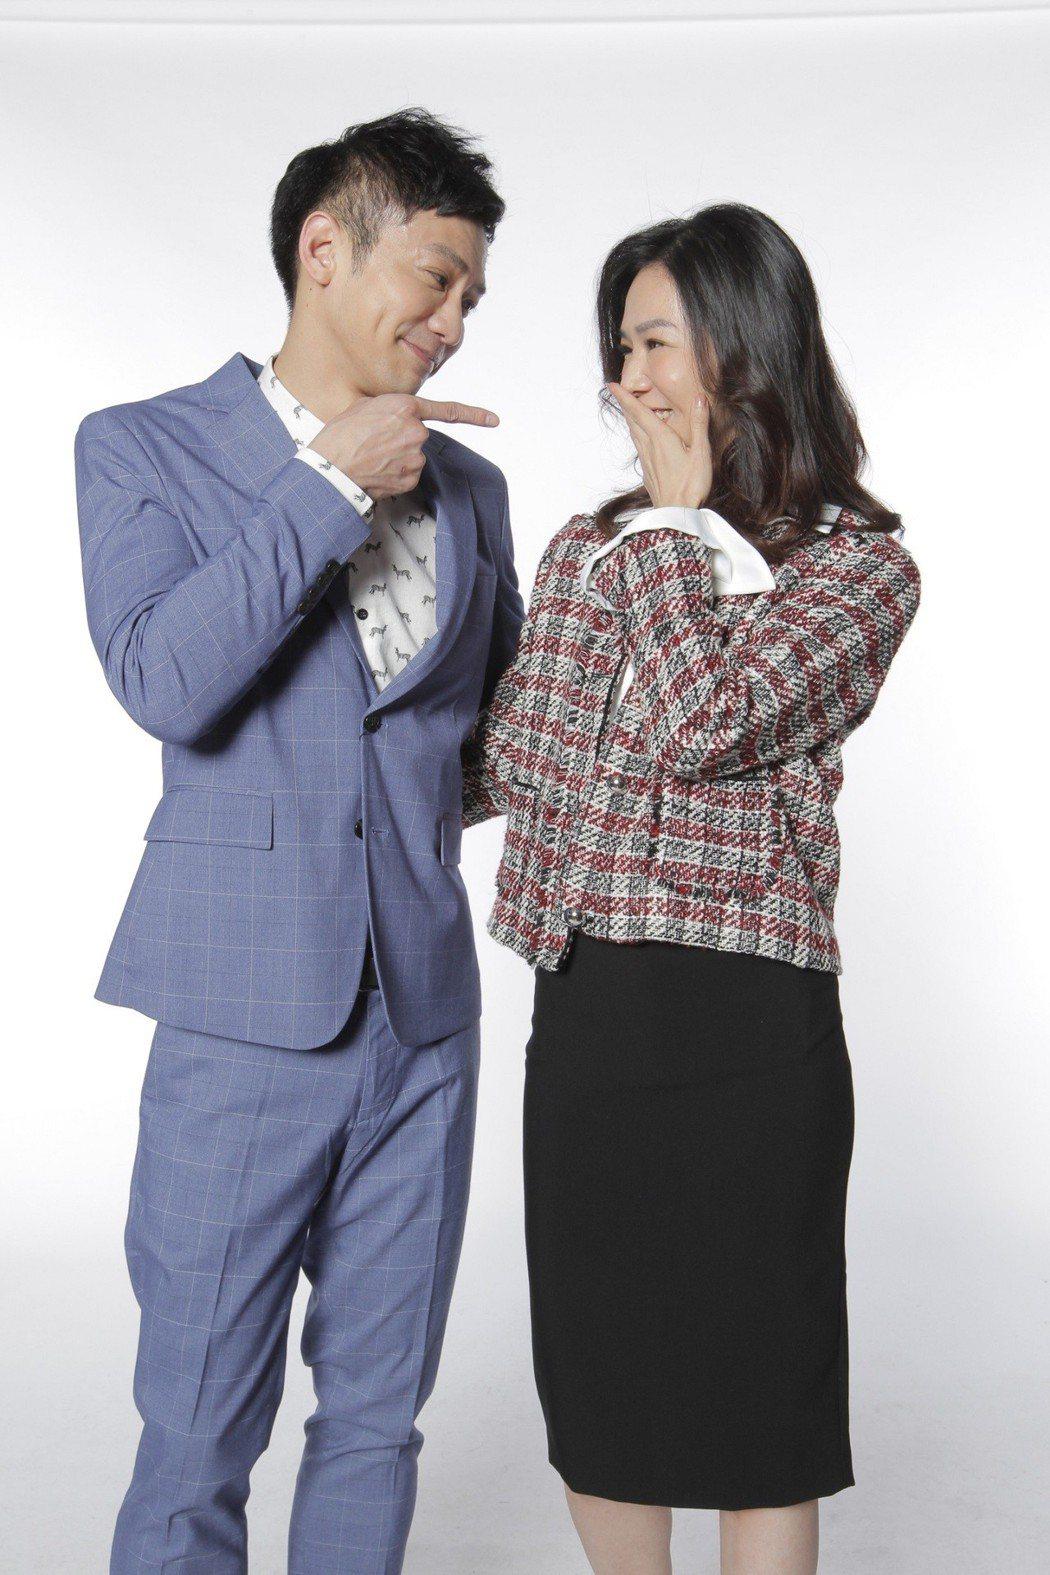 謝盈萱(右)與鄒承恩演一對貌合神離的夫妻,拍攝宣傳照時卻露出甜蜜神情。圖/歐銻銻...